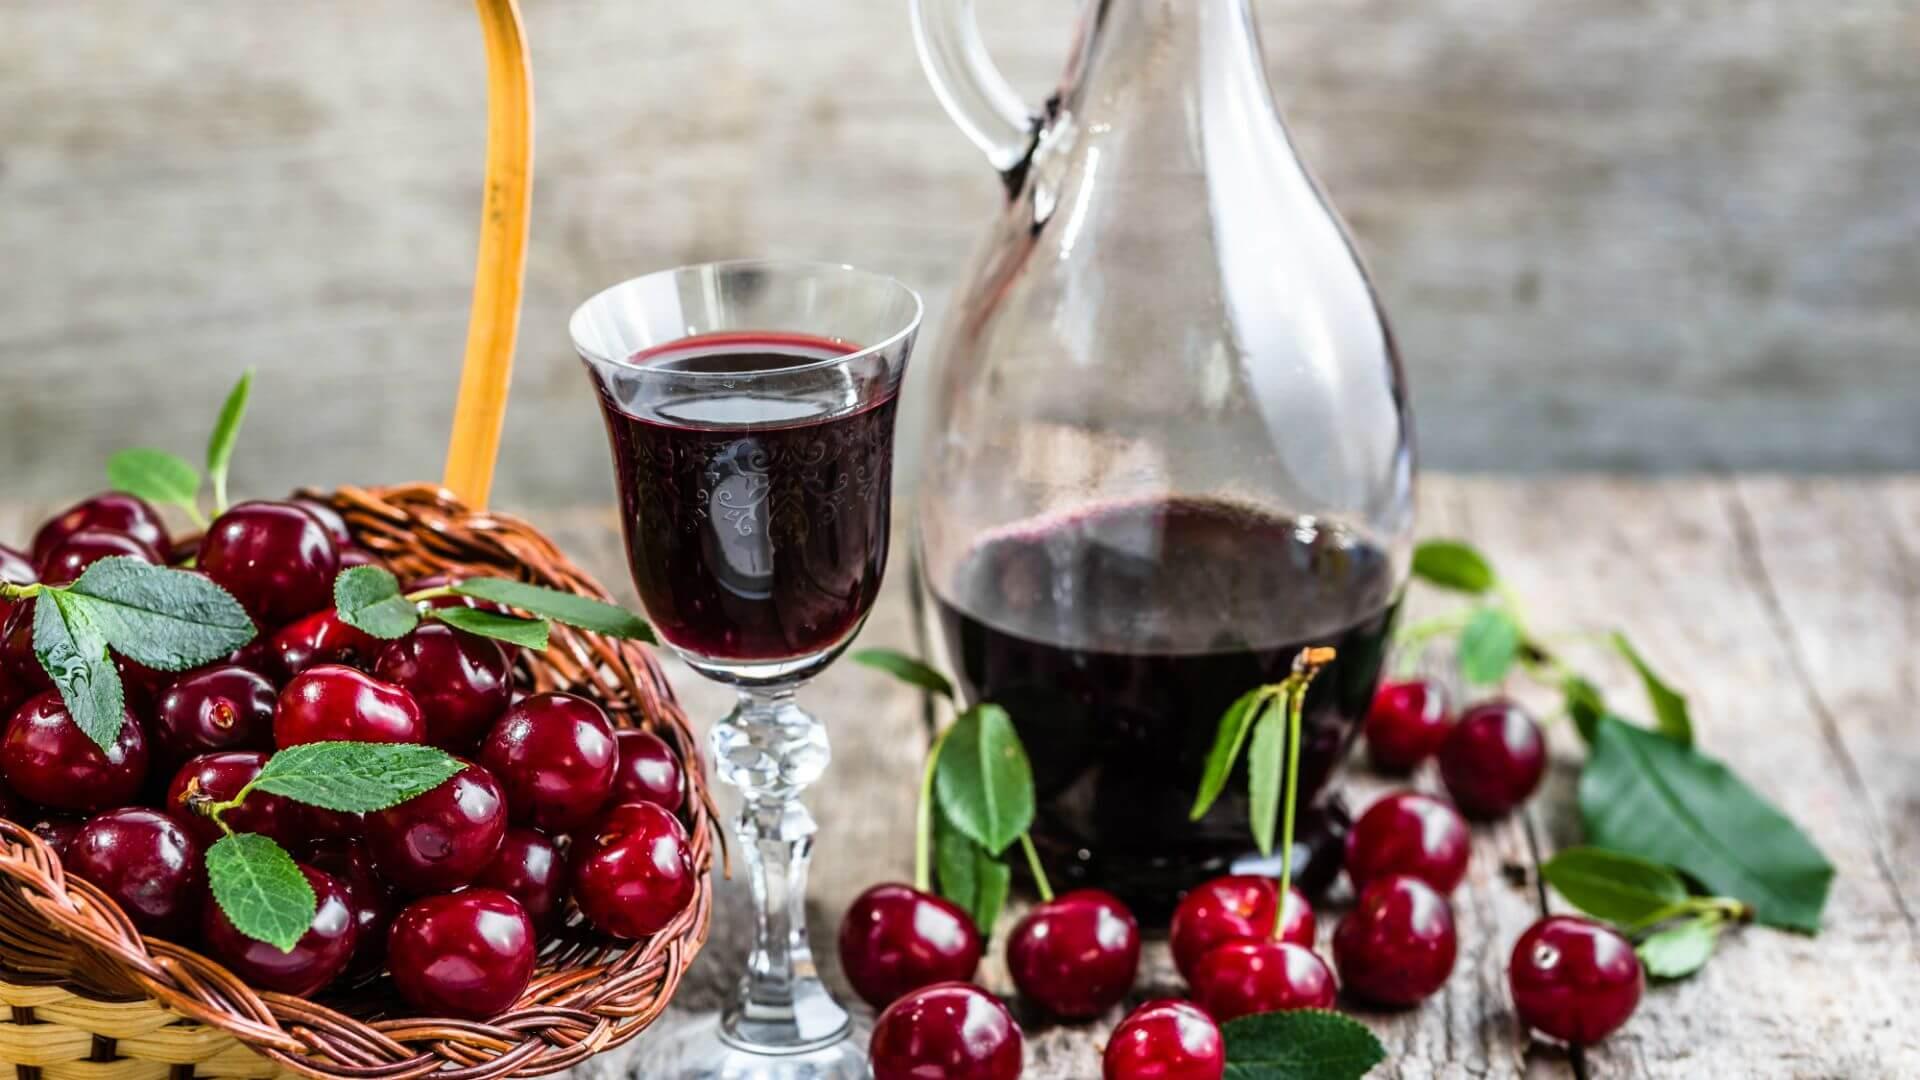 Терновая наливка в домашних условиях. как приготовить наливку из терна на водке, без водки, на спирту?